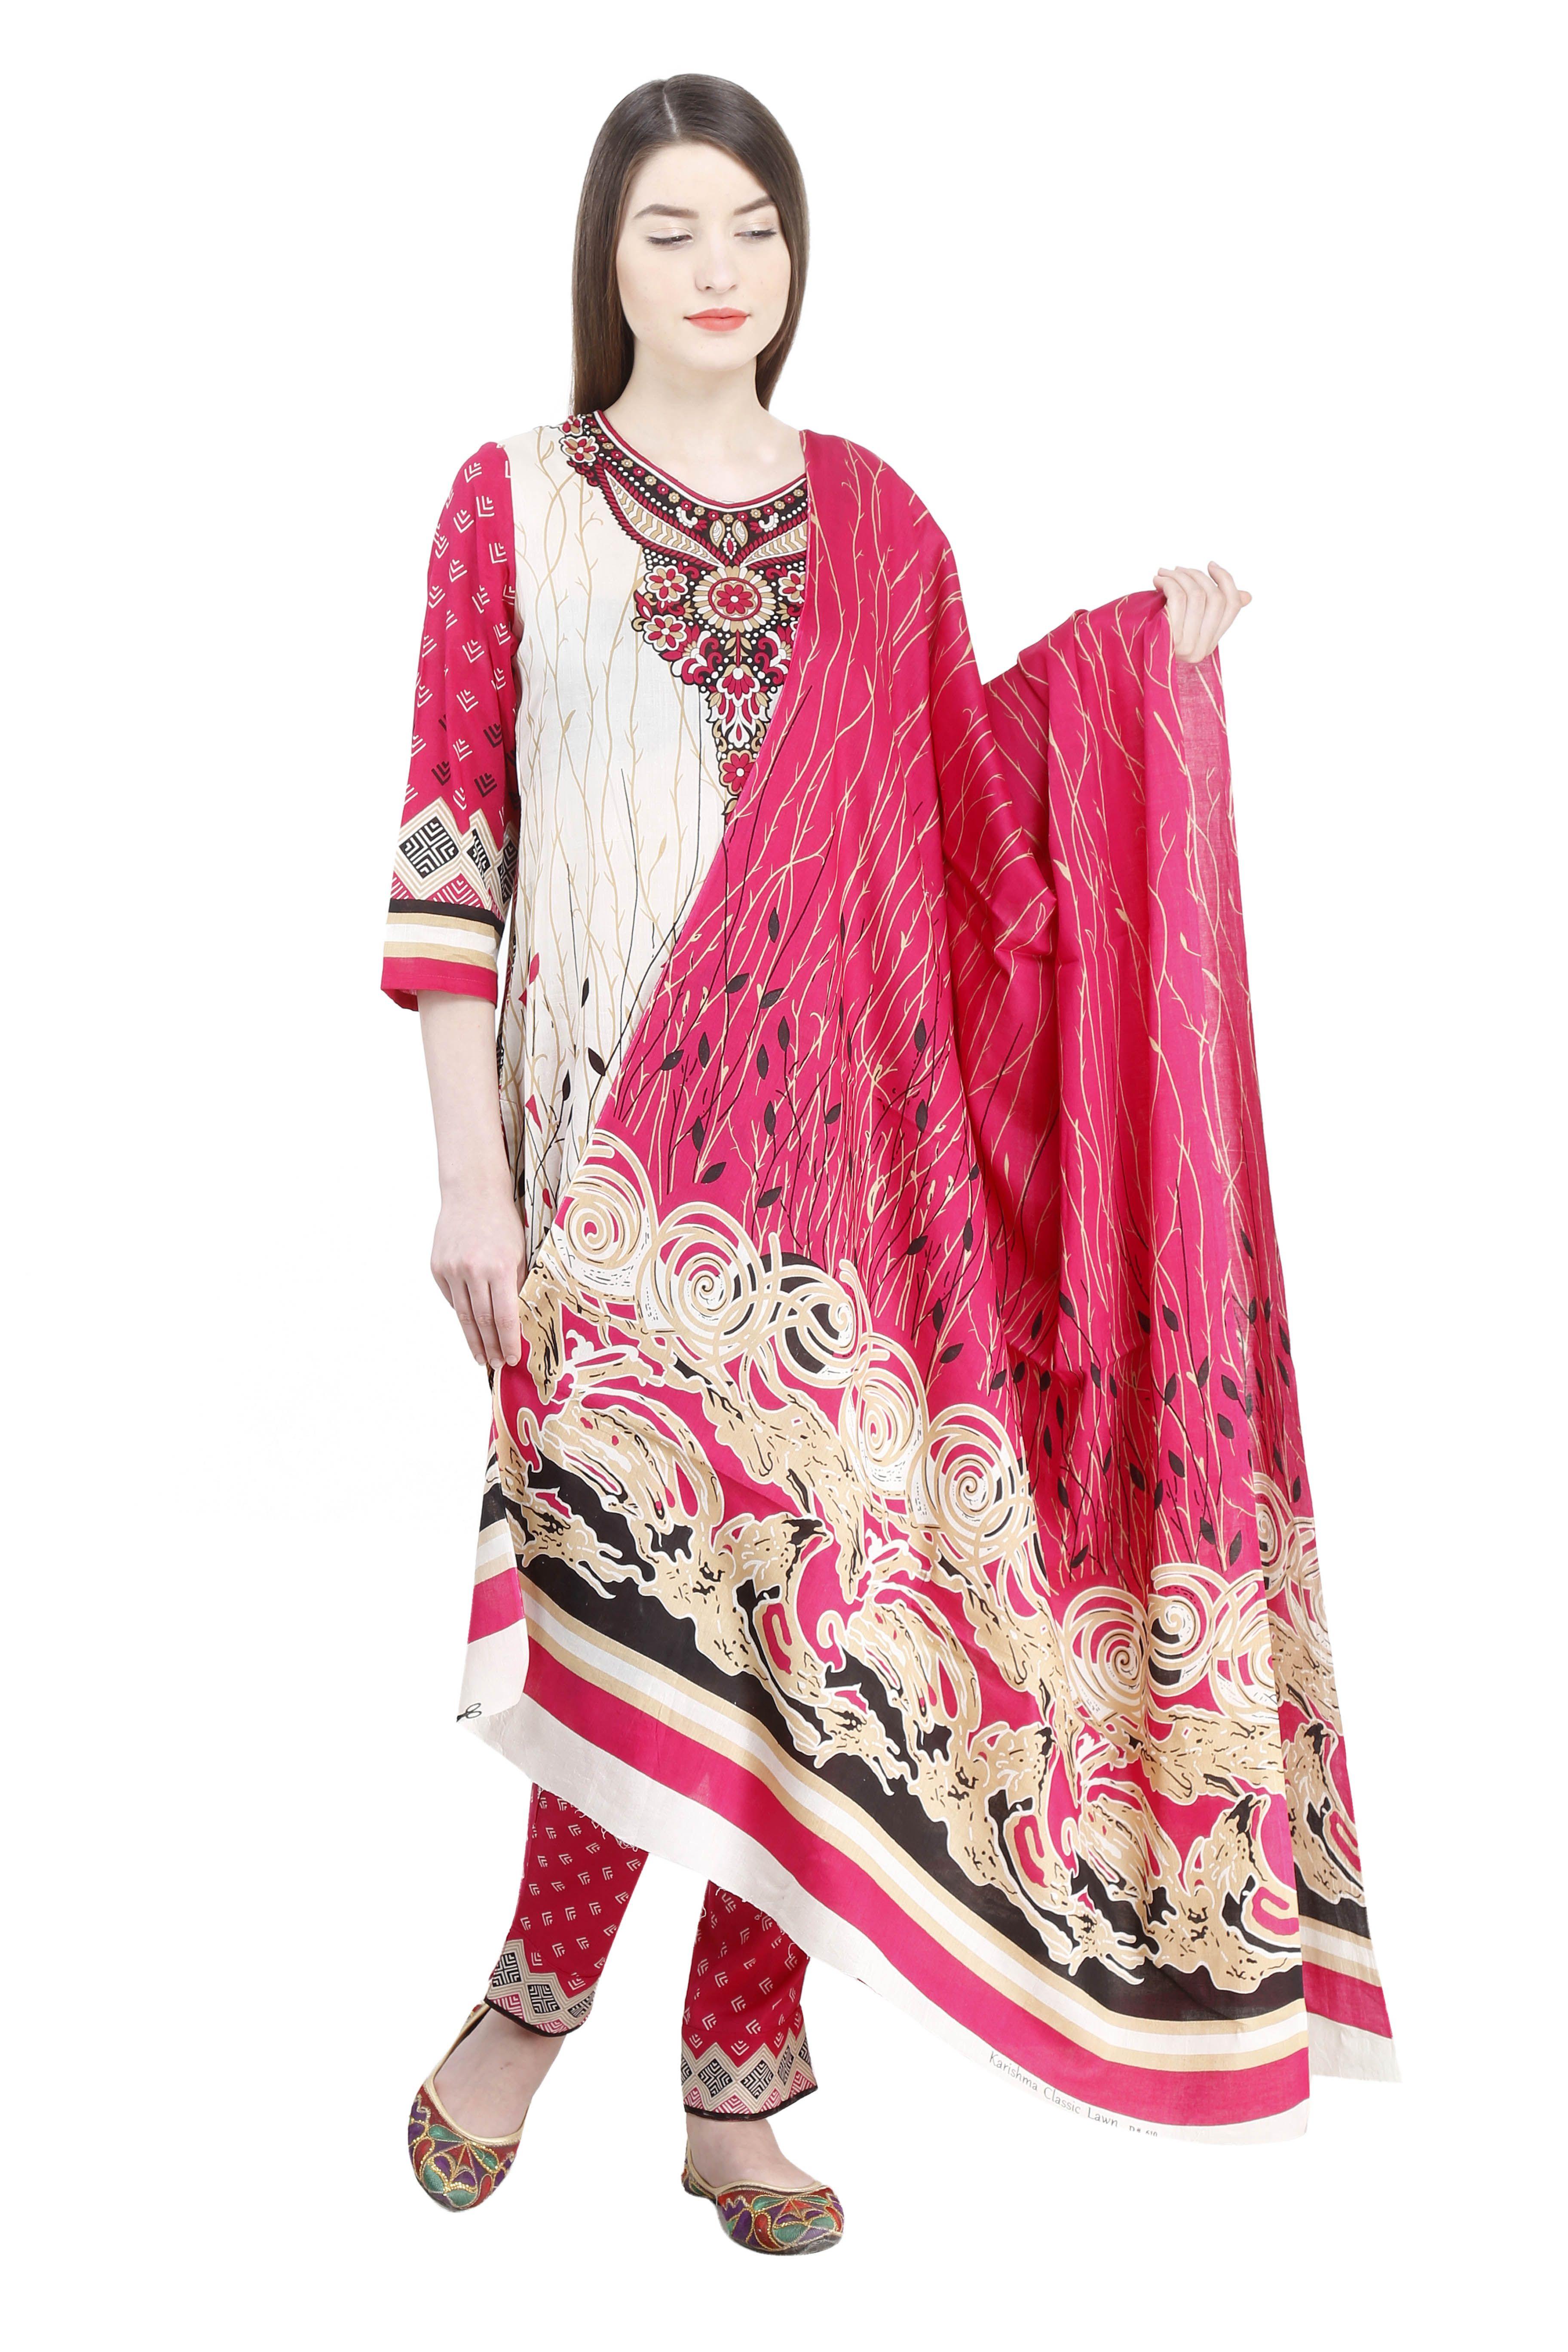 284b3afba5 printed pakistani cotton lawn suit.The suit set has kurta, cigarette pants  and dupatta